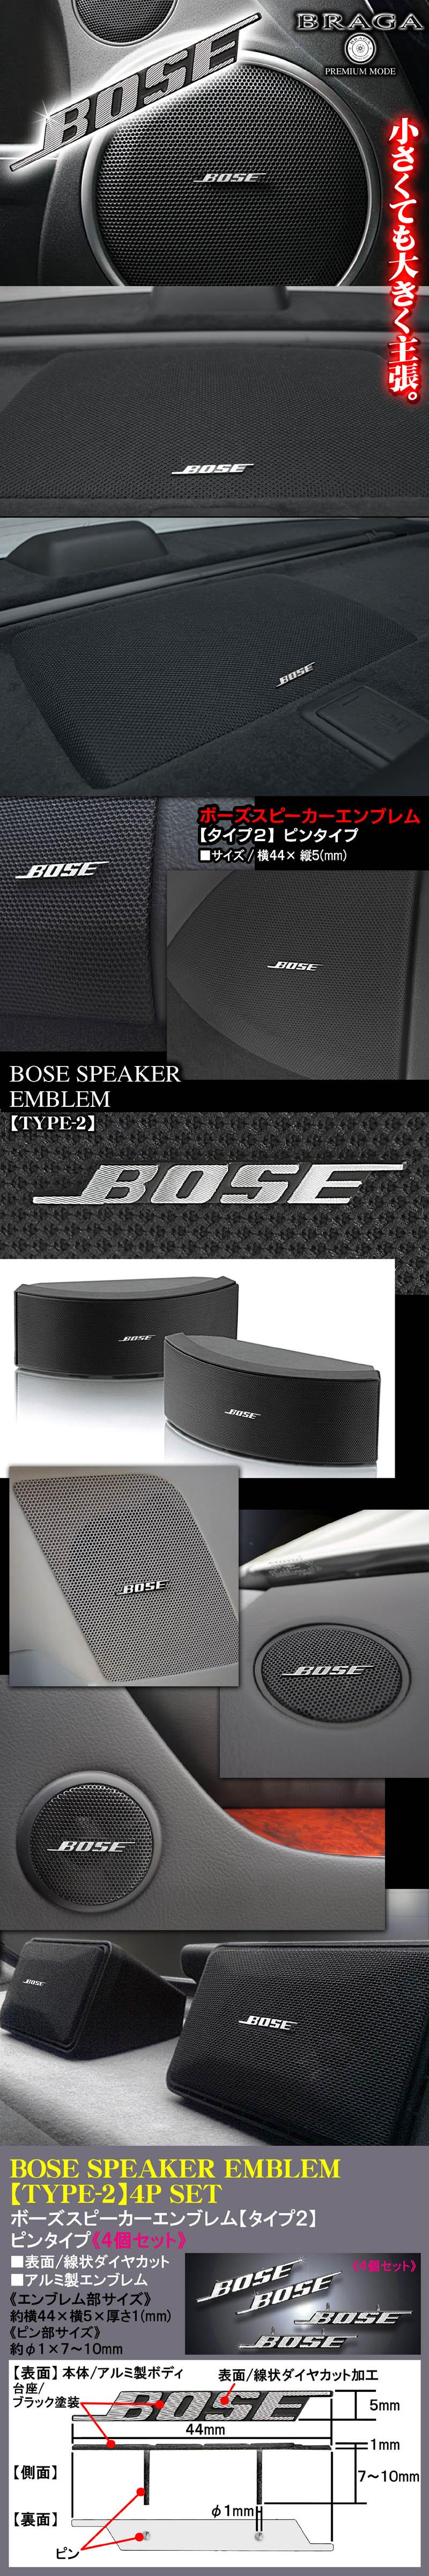 《BOSE》ボーズスピーカーエンブレム《タイプ2》4個セット【ピンタイプ】アルミ製線状ダイヤカット仕上/ブラガ